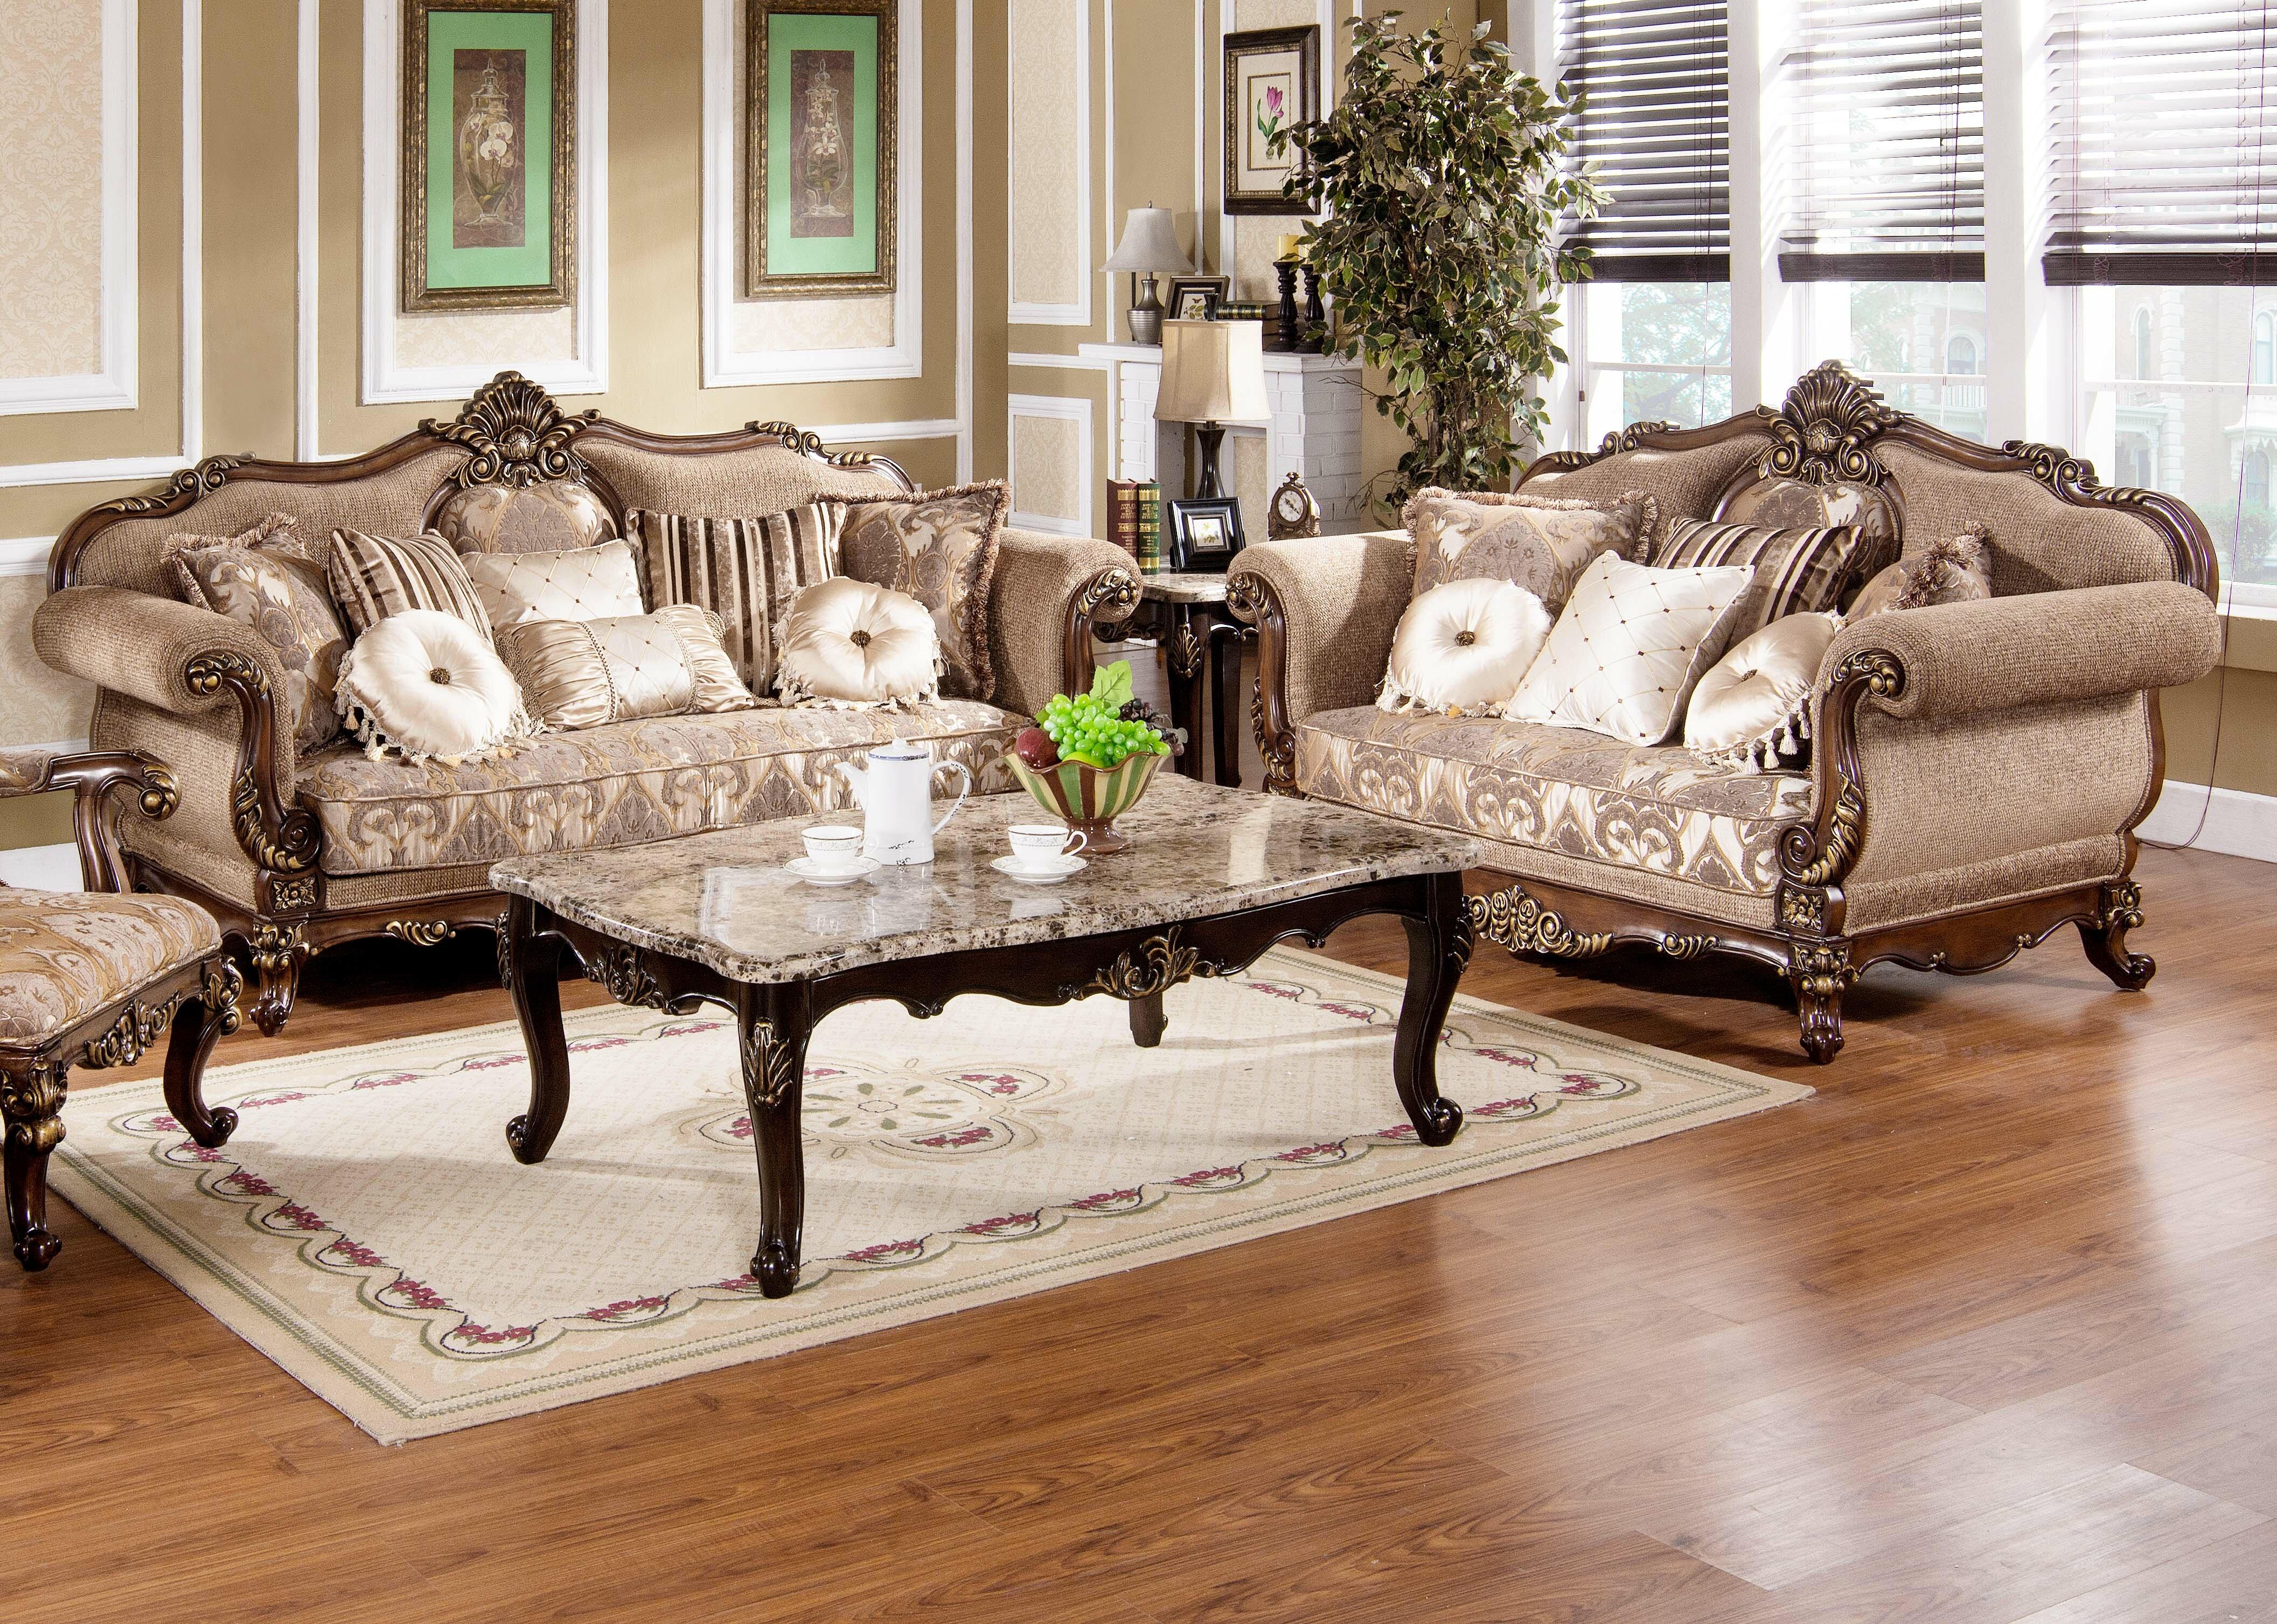 Astoria grand peabody 2 piece living room set reviews wayfair